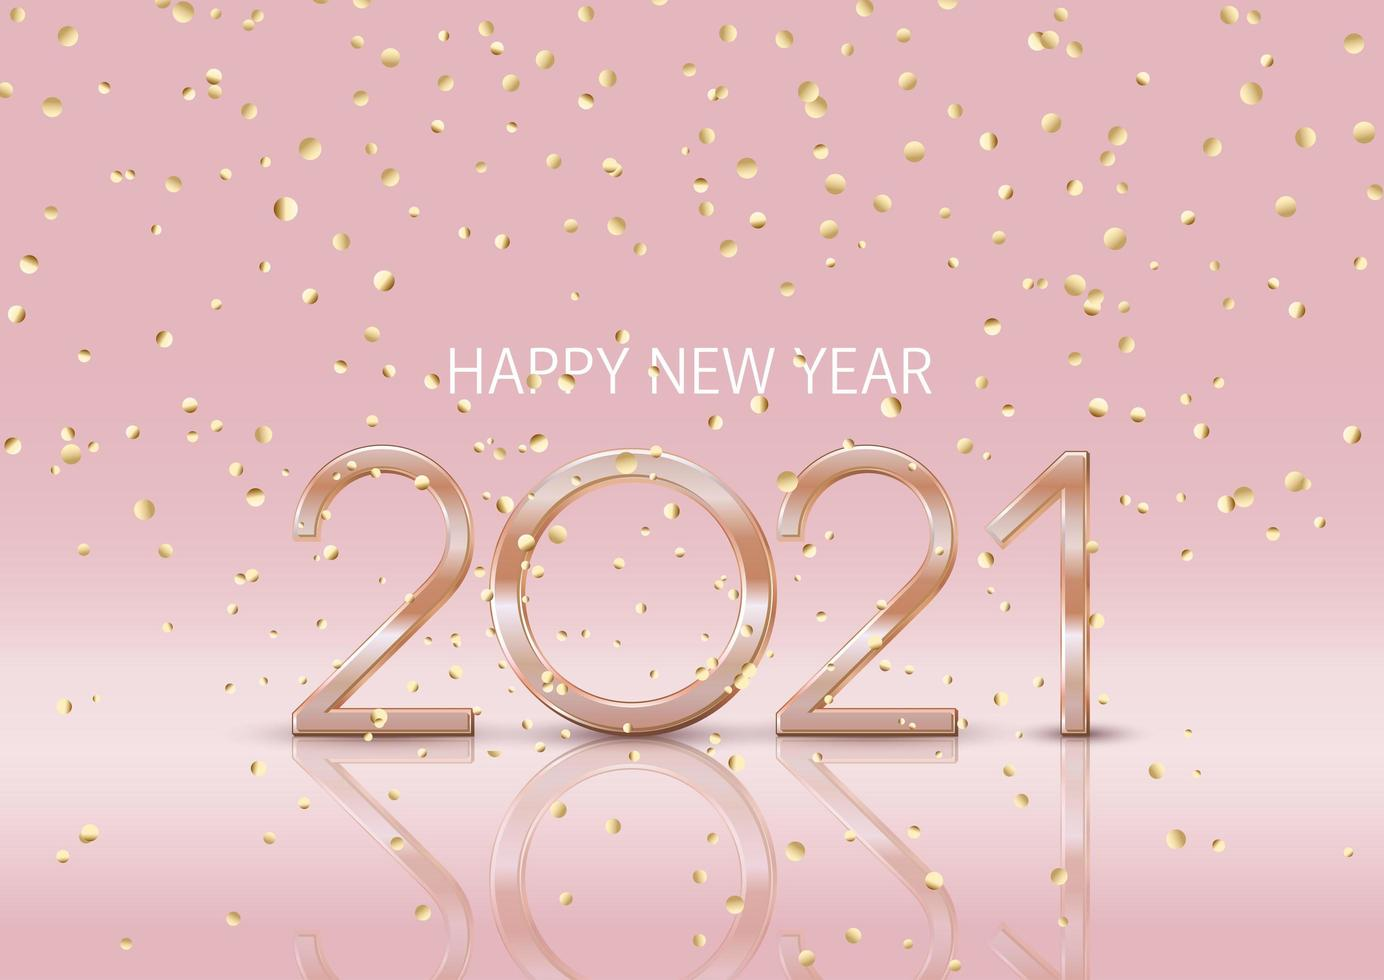 felice anno nuovo sfondo con coriandoli d'oro vettore